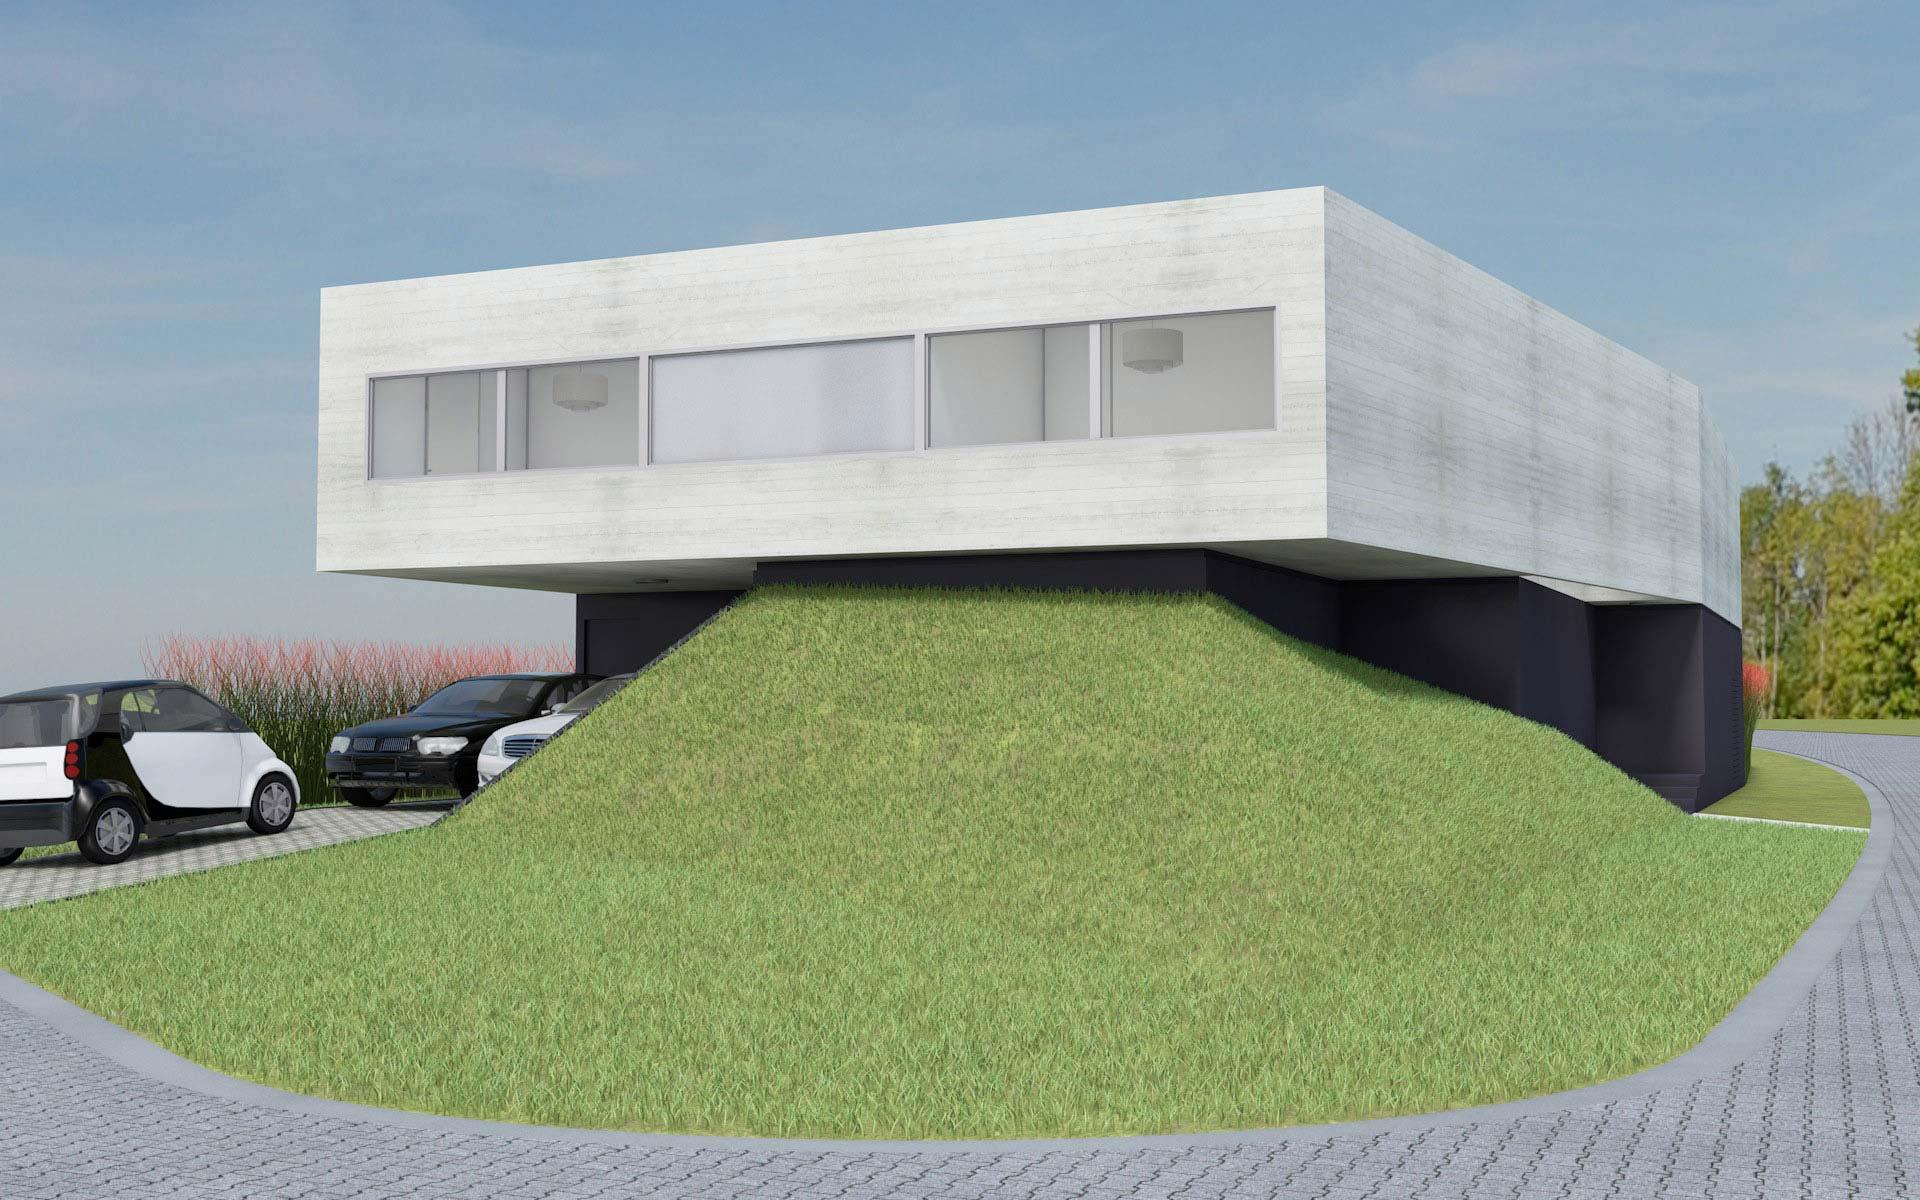 Arquitectura, vista casa en esquina, minimalista en barrio cerrado, de hormigón visto y basamento pasto y muros negros